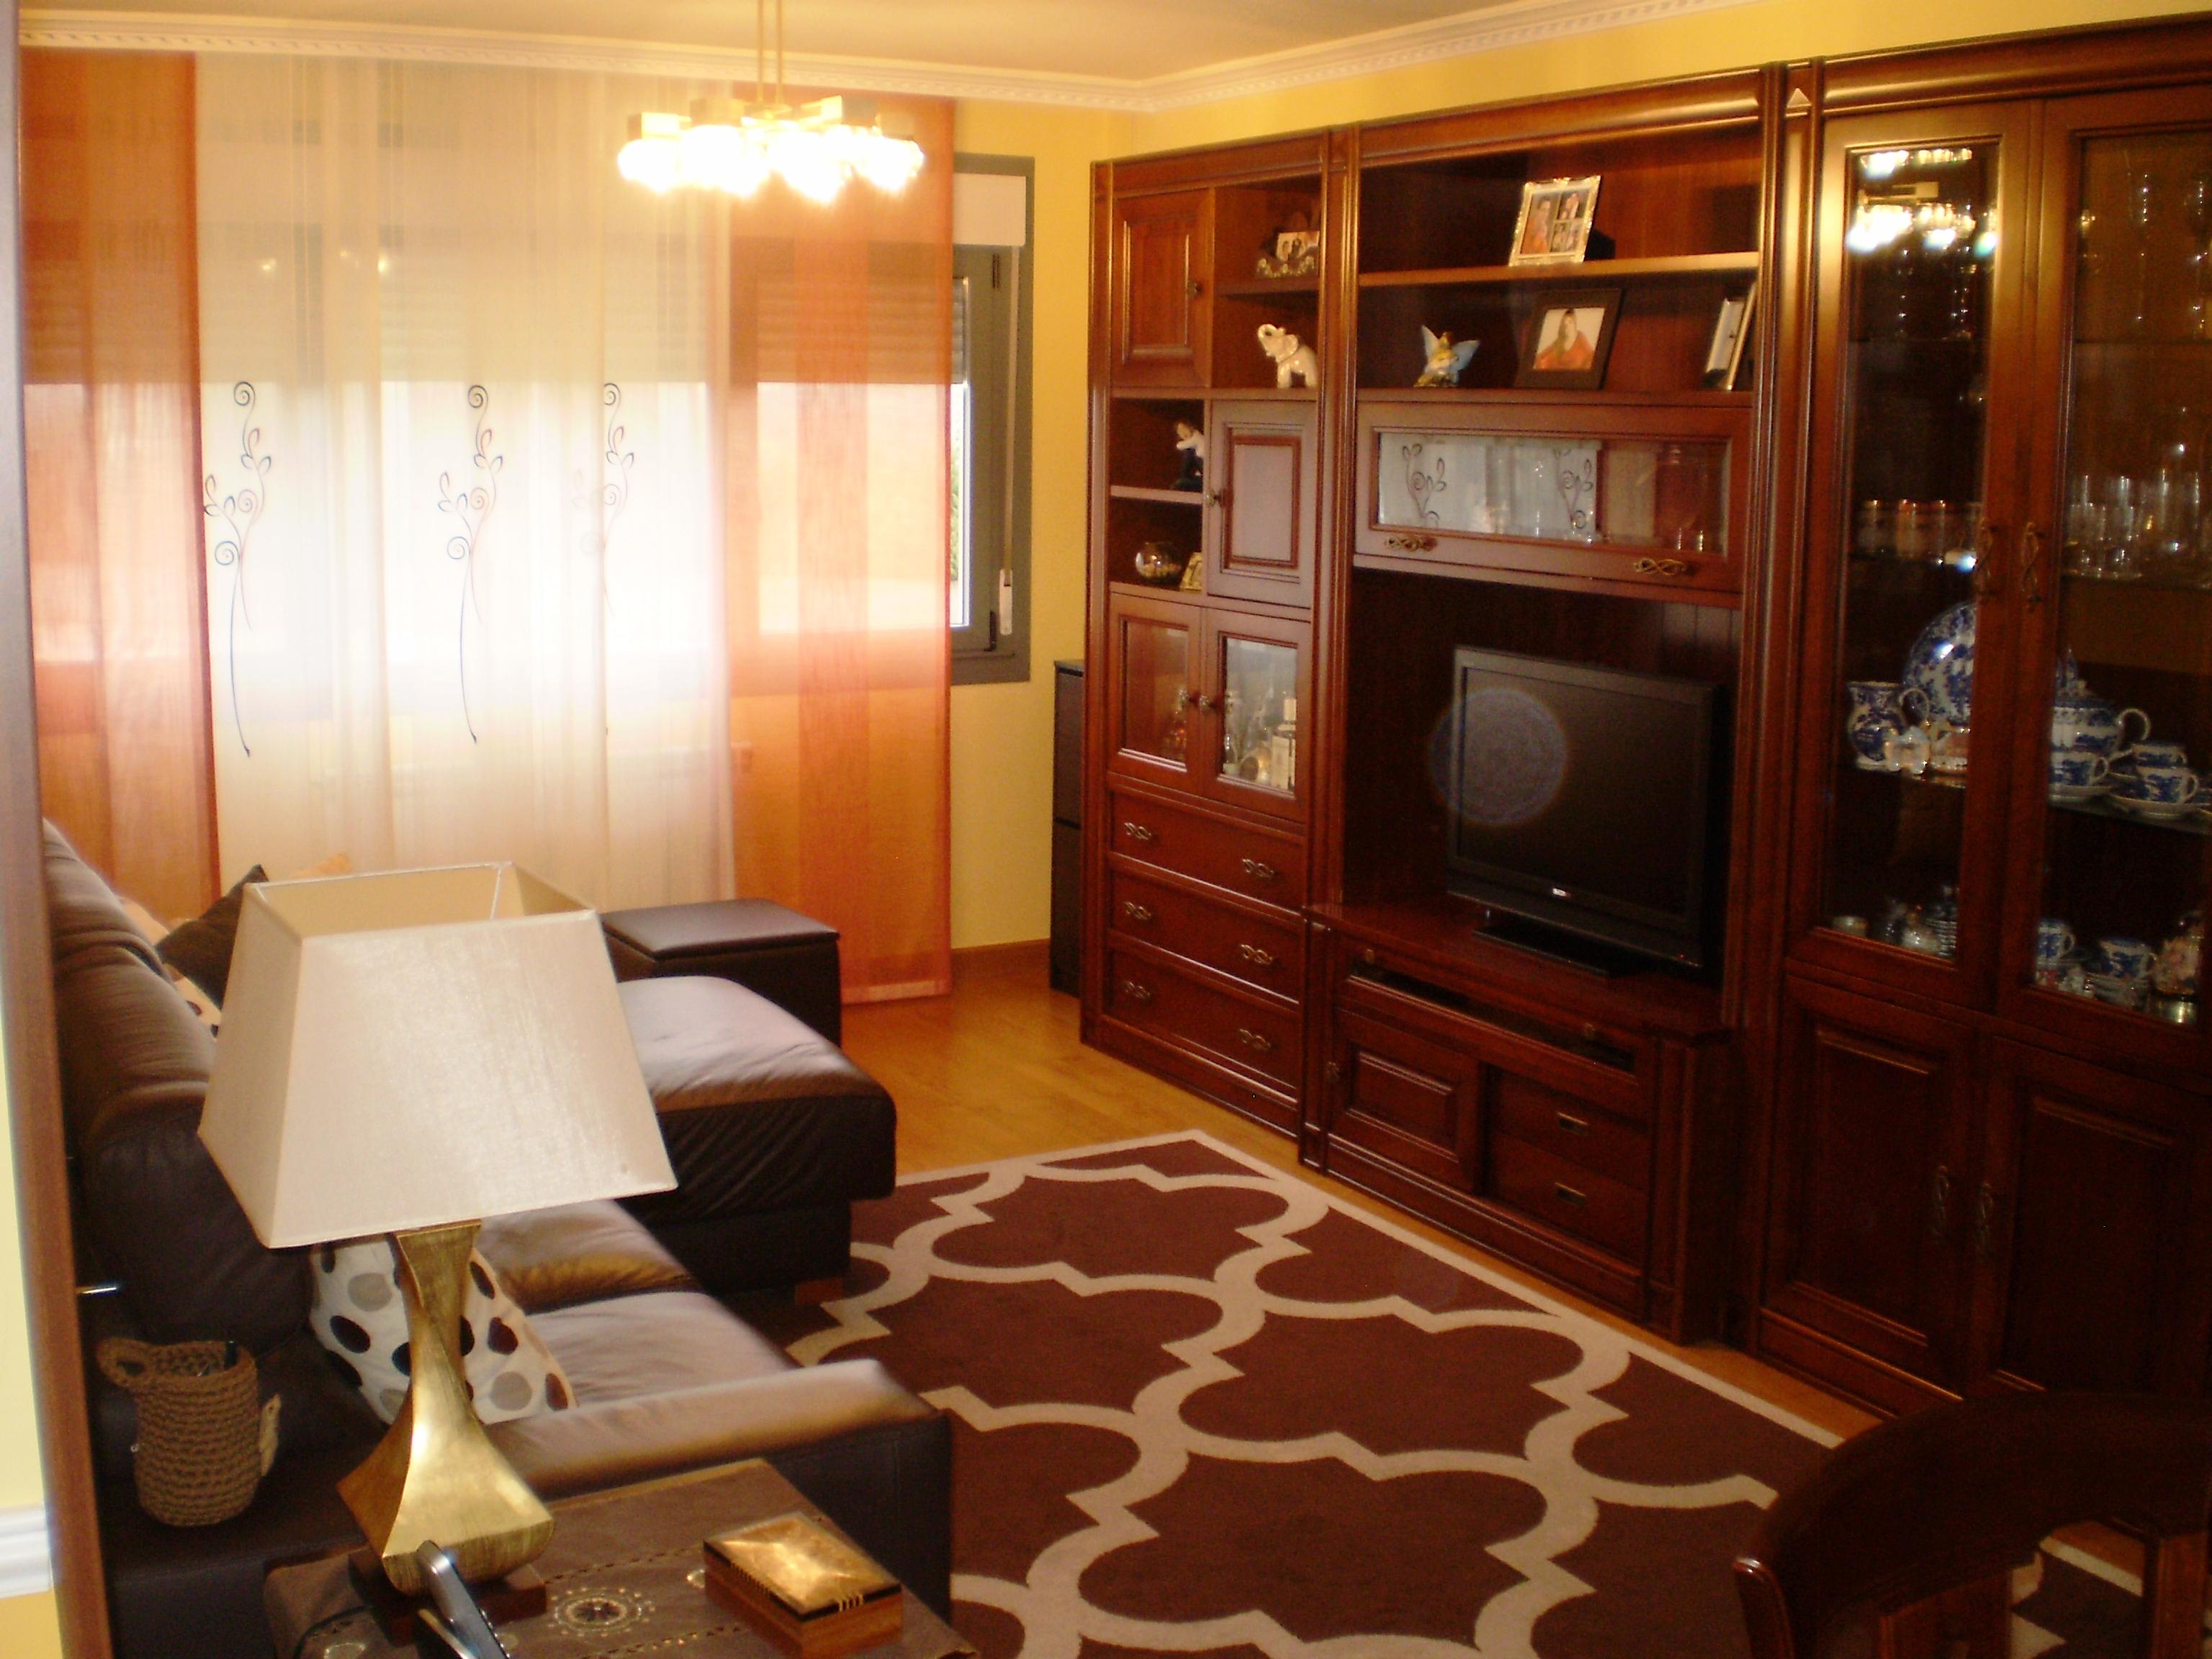 Venta piso dos dormitorios en arroyo de la encomienda - Pisos en arroyo de la encomienda ...